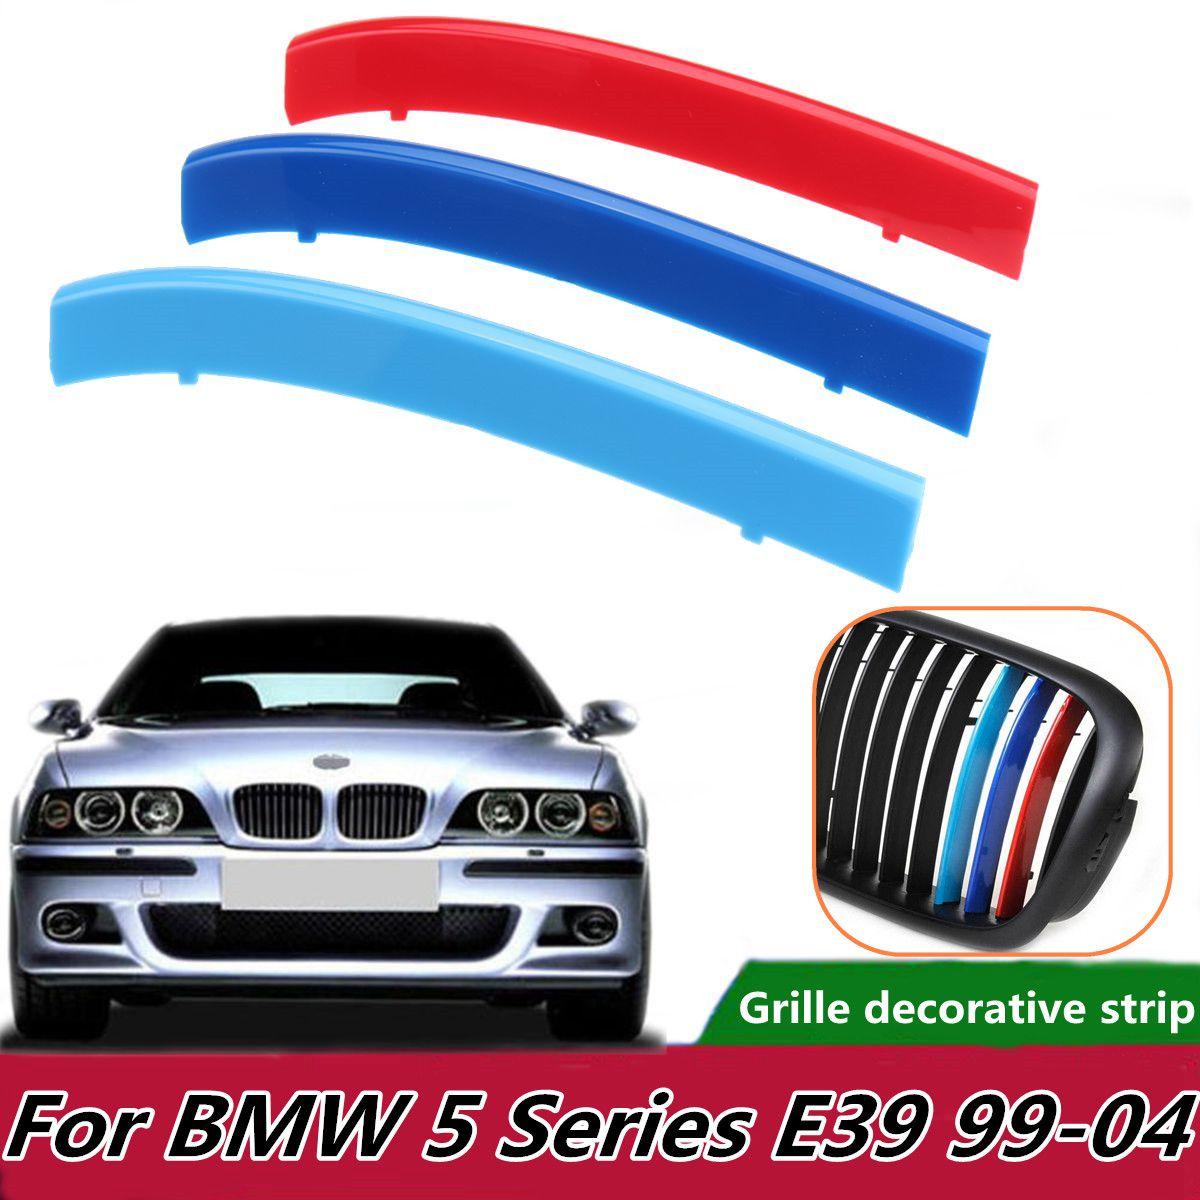 3 stücke Auto Front Grill Sport Streifen Motorsport Power Aufkleber für BMW E39 1999-2004 Grille Trim Befestigen Tri -farbe Streifen Abdeckungen